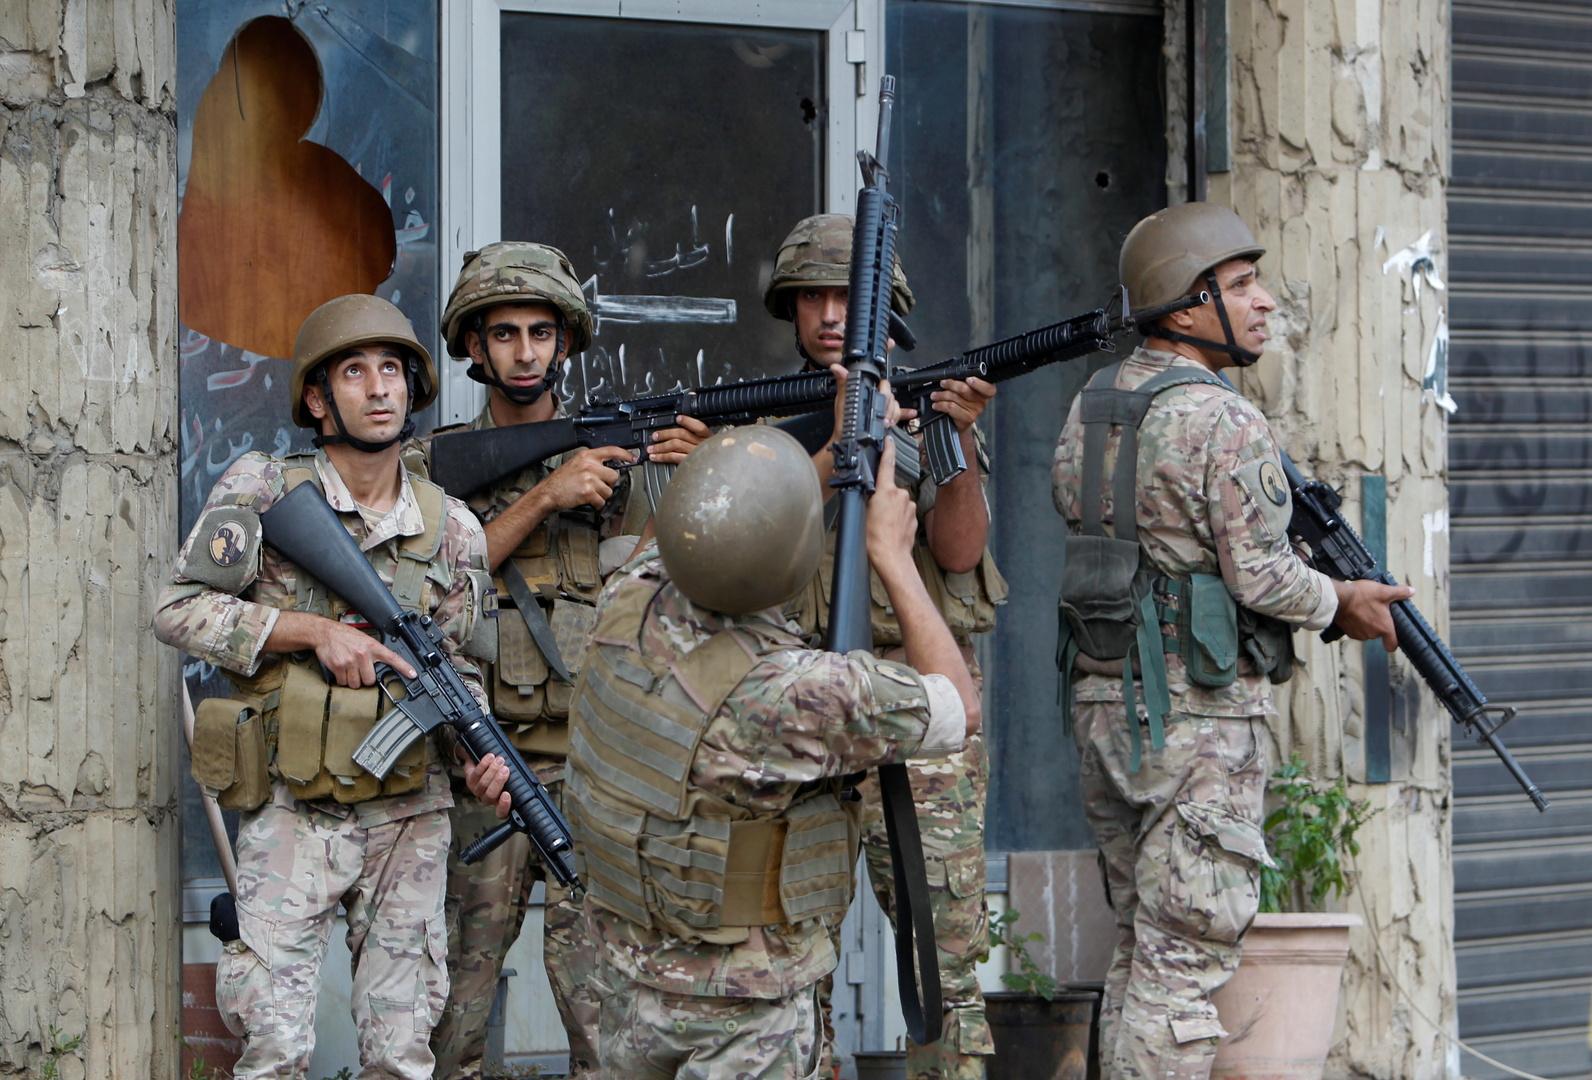 الجيش اللبناني يعلن انتهاء التحقيقات في ملف أحداث الطيونة